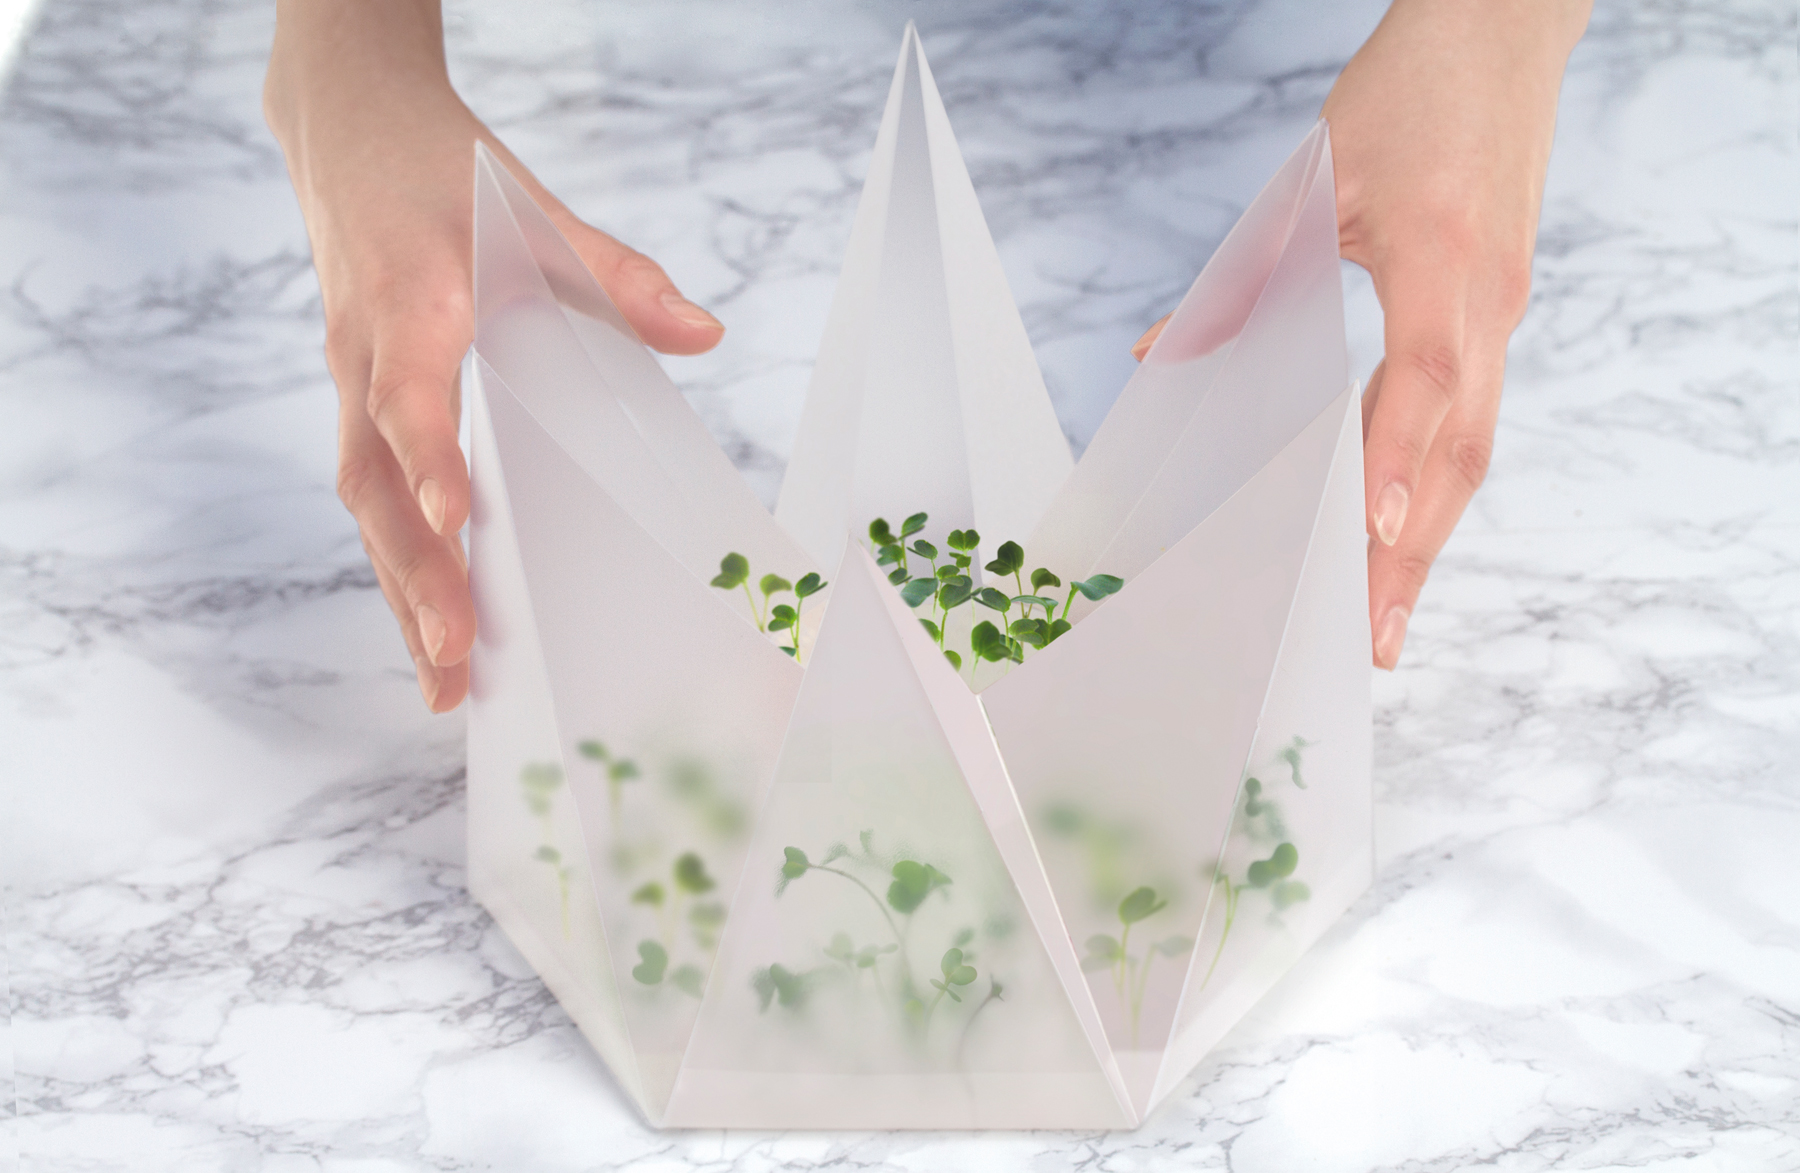 El kit de cultivo de germinado combina funcionalidad, estética y nutrición. // Foto: Cortesía www.tomorrowmachine.se